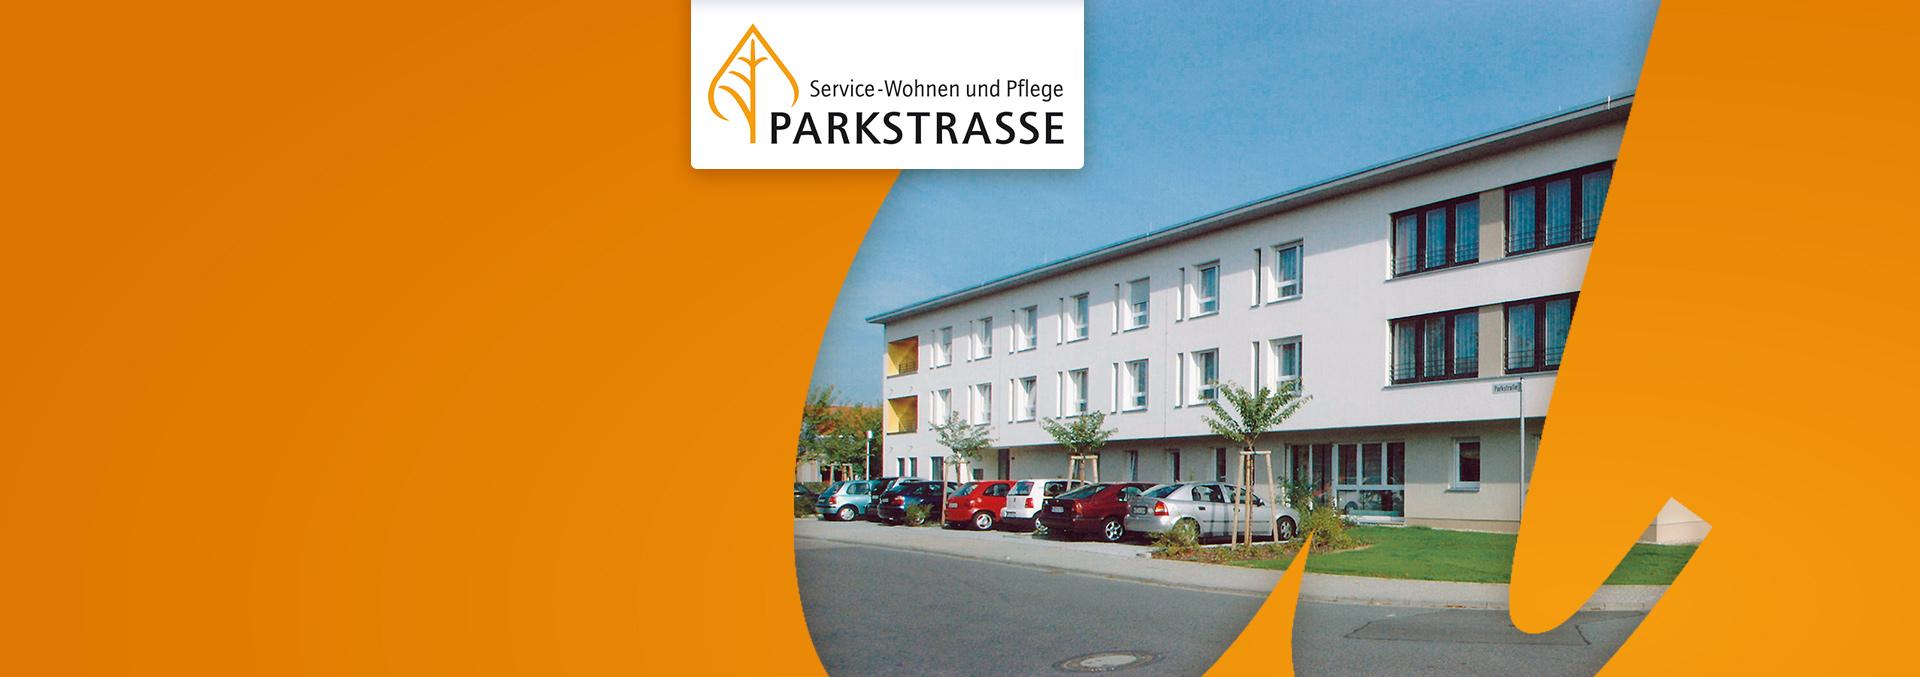 Service-Wohnen und Pflege in der Parkstraße: Außenansicht mit parkenden Autos vor einem dreistöckigen Gebäude mit Flachdach